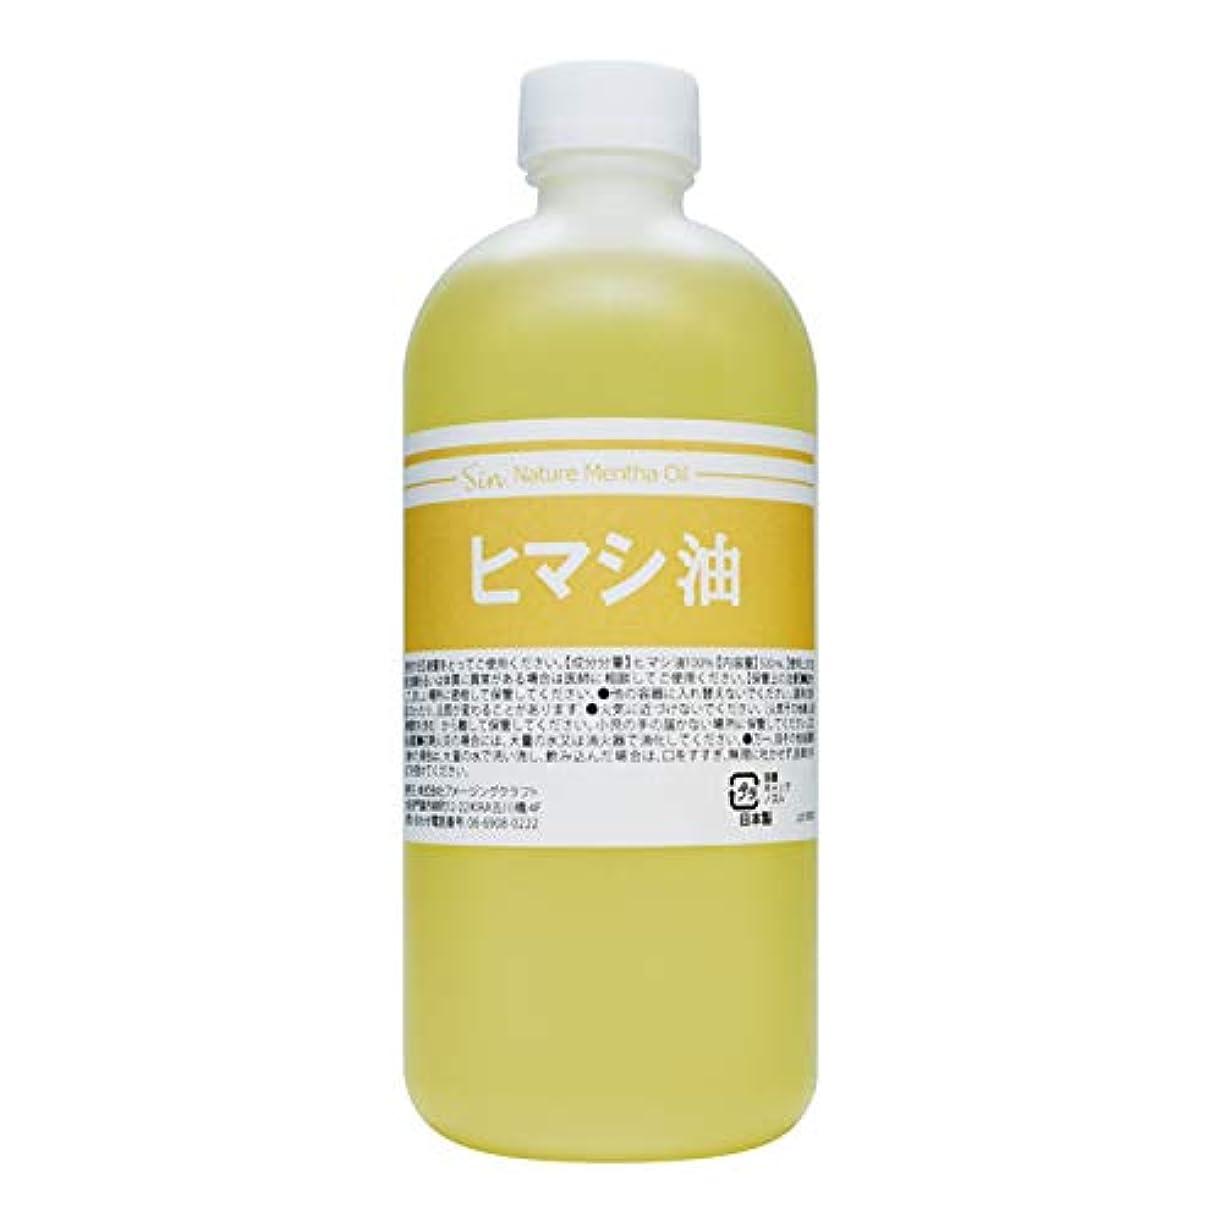 すばらしいですシード抑圧者天然無添加 国内精製 ひまし油 500ml (ヒマシ油 キャスターオイル)